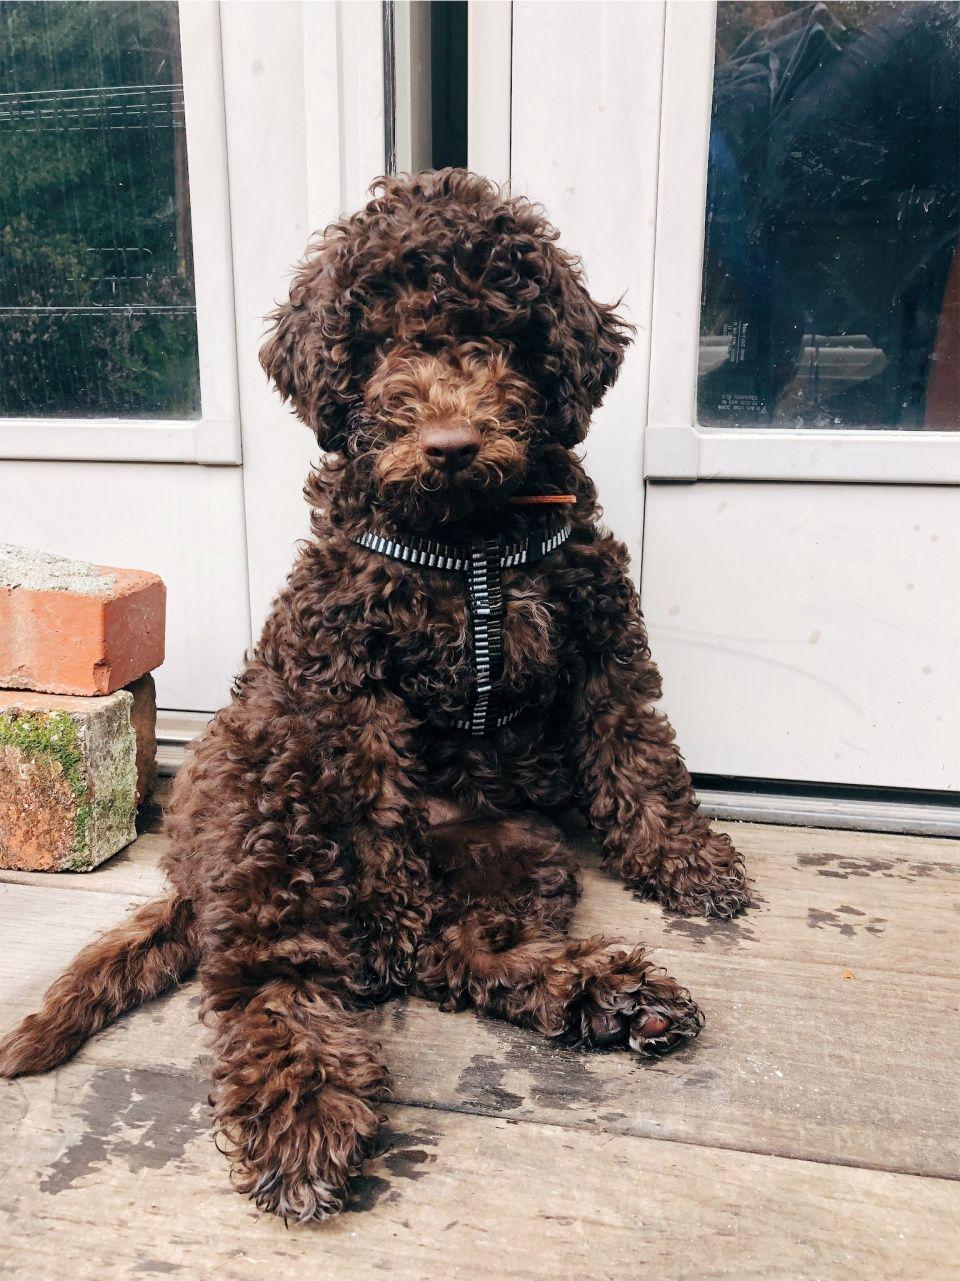 Maisiebythebay Hamlamb Vsco In 2020 Cockapoo Dog Lagotto Romagnolo Puppy Poodle Dog